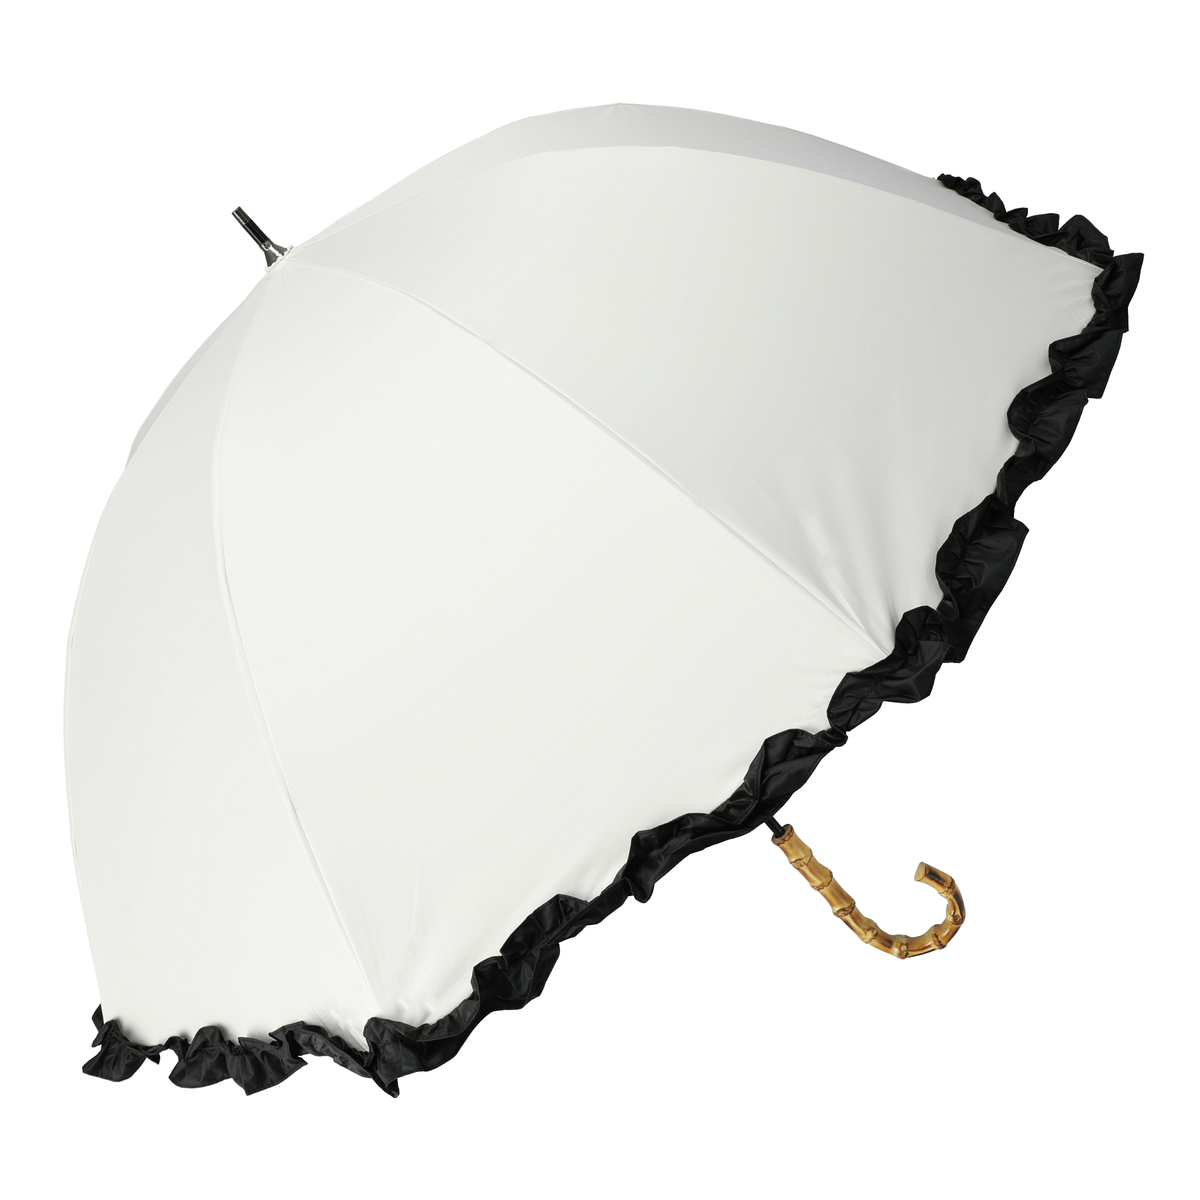 ルナジュメール UV+1級遮光+晴雨兼用 フリルショート傘